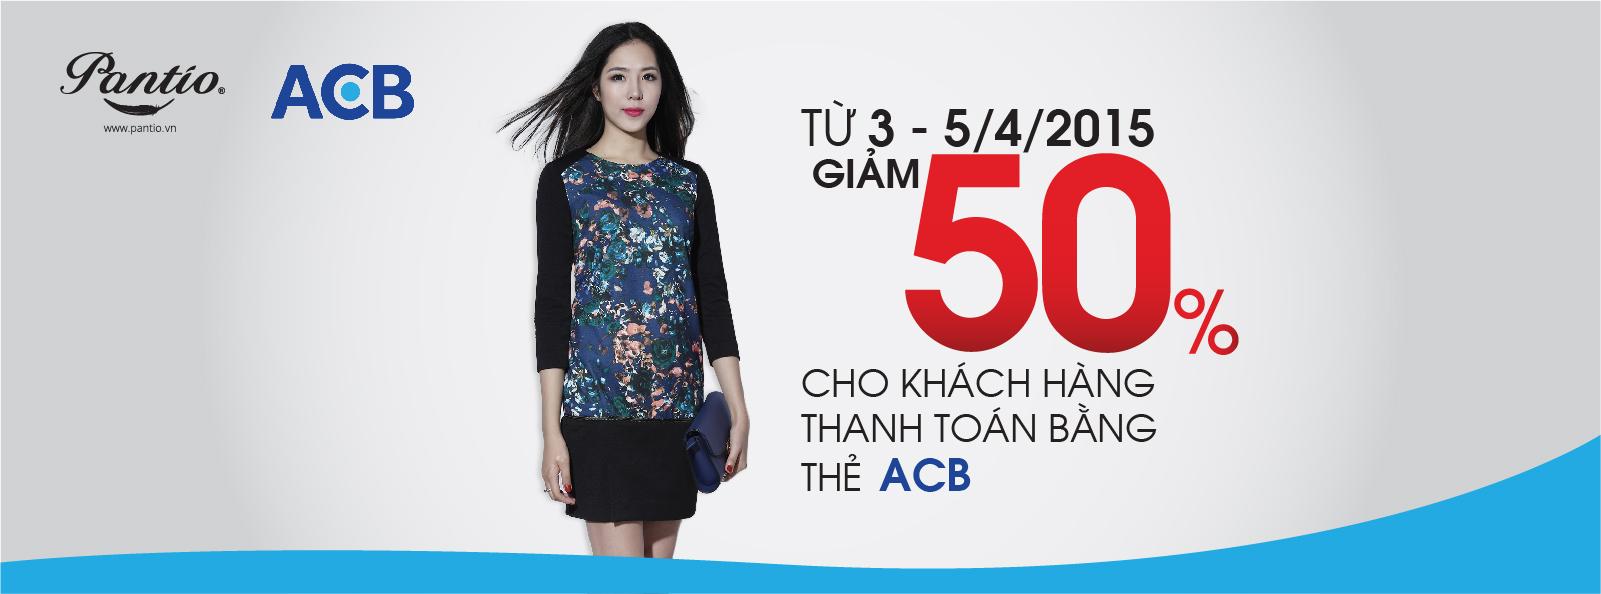 Ưu đãi 50% cho khách hàng THẺ ACB